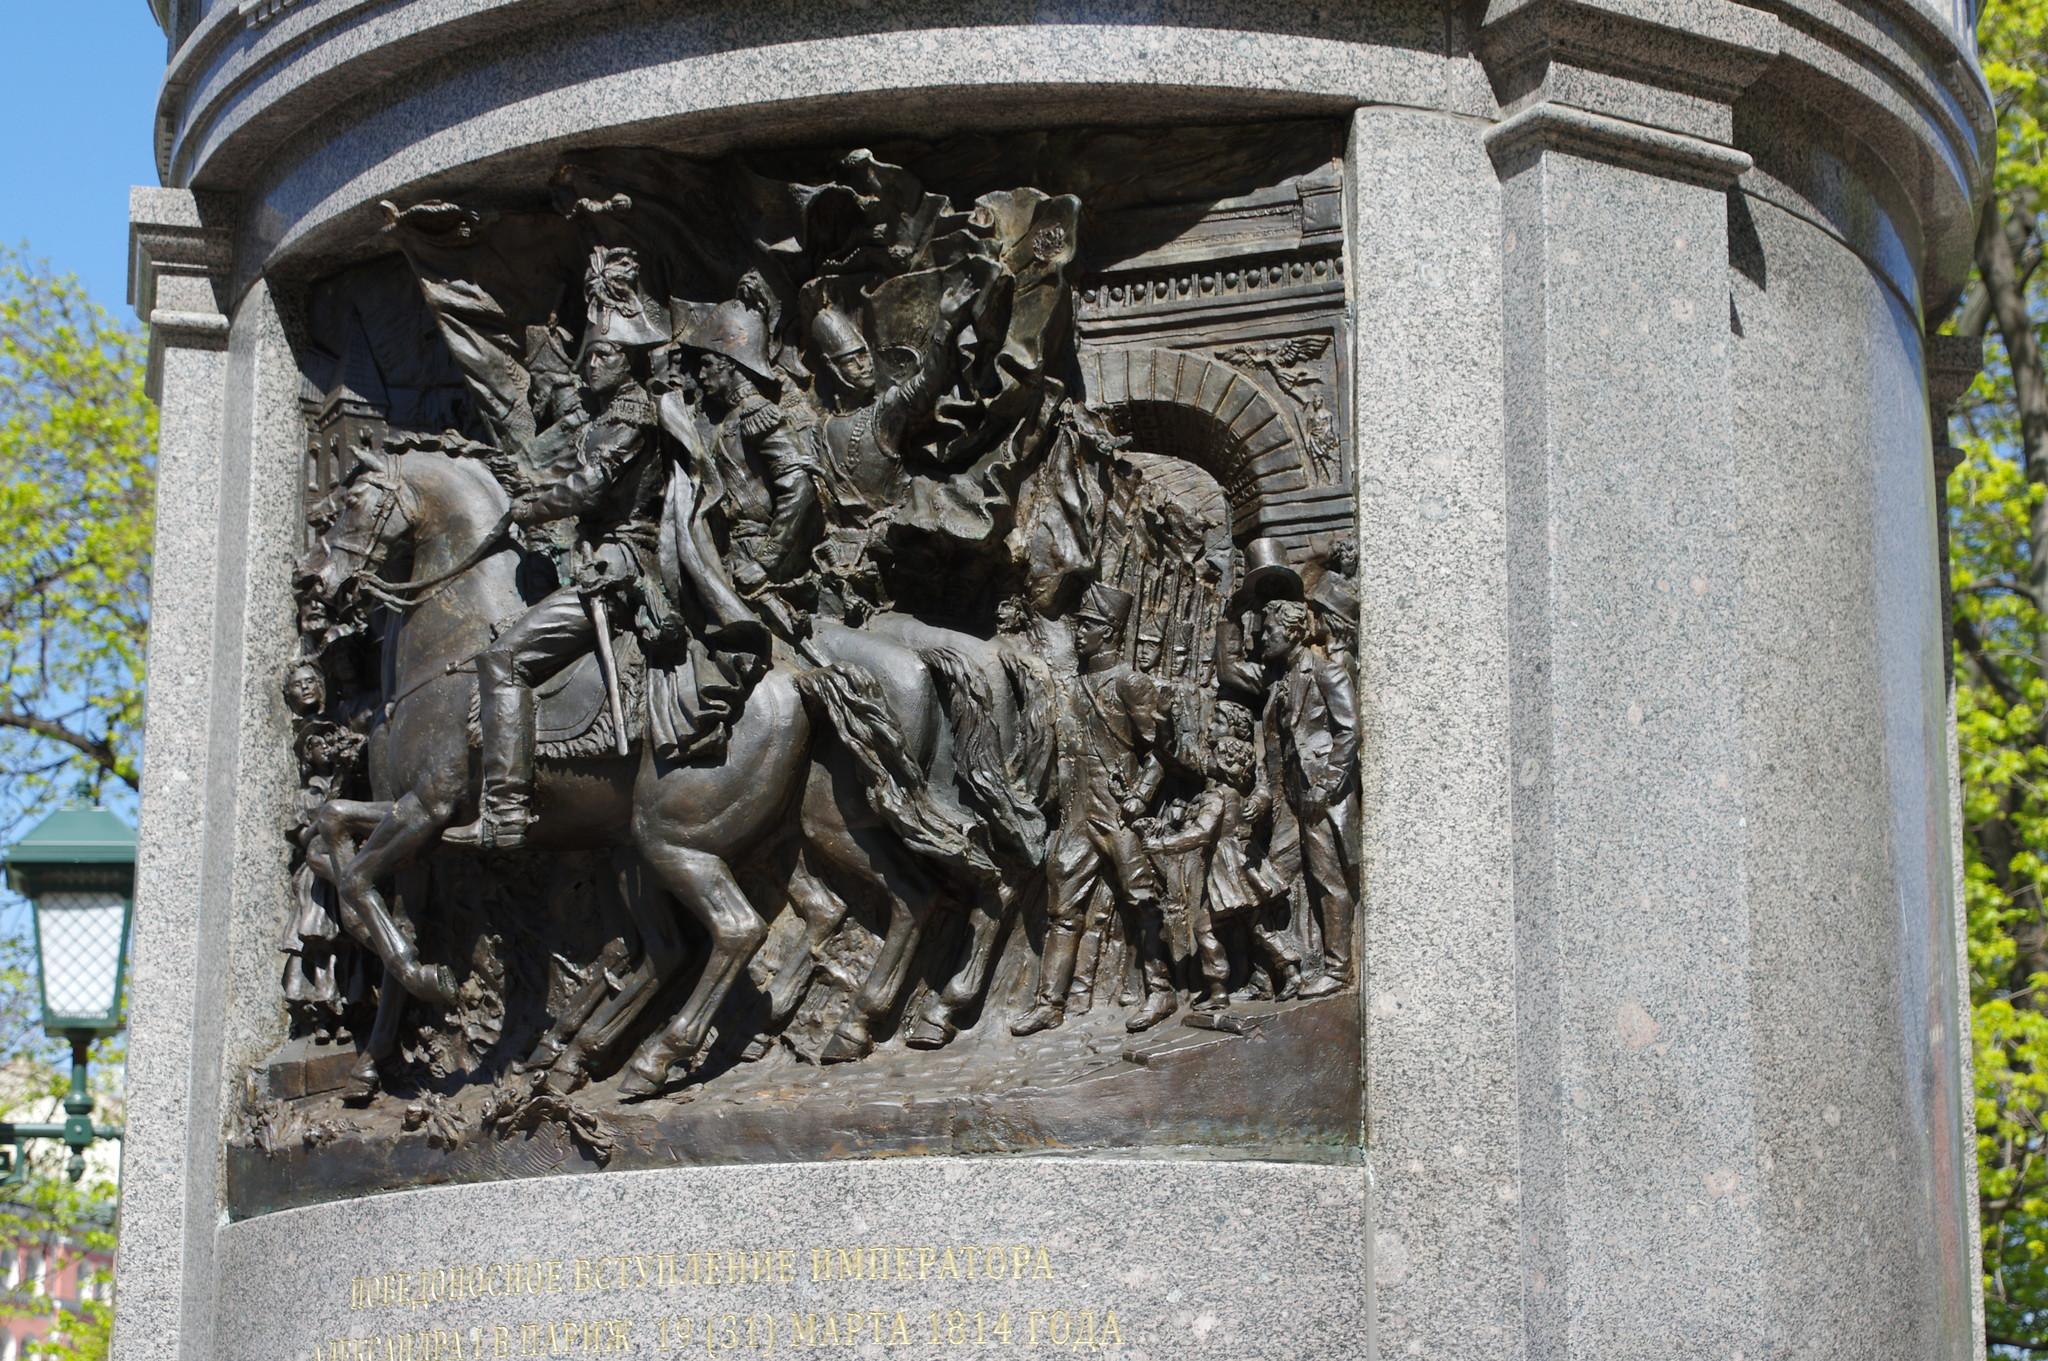 Памятник императору Александру I в Александровском саду у стен Московского Кремля. Победоносное вступление Императора Александр I в Париж 19 (31) марта 1814 года